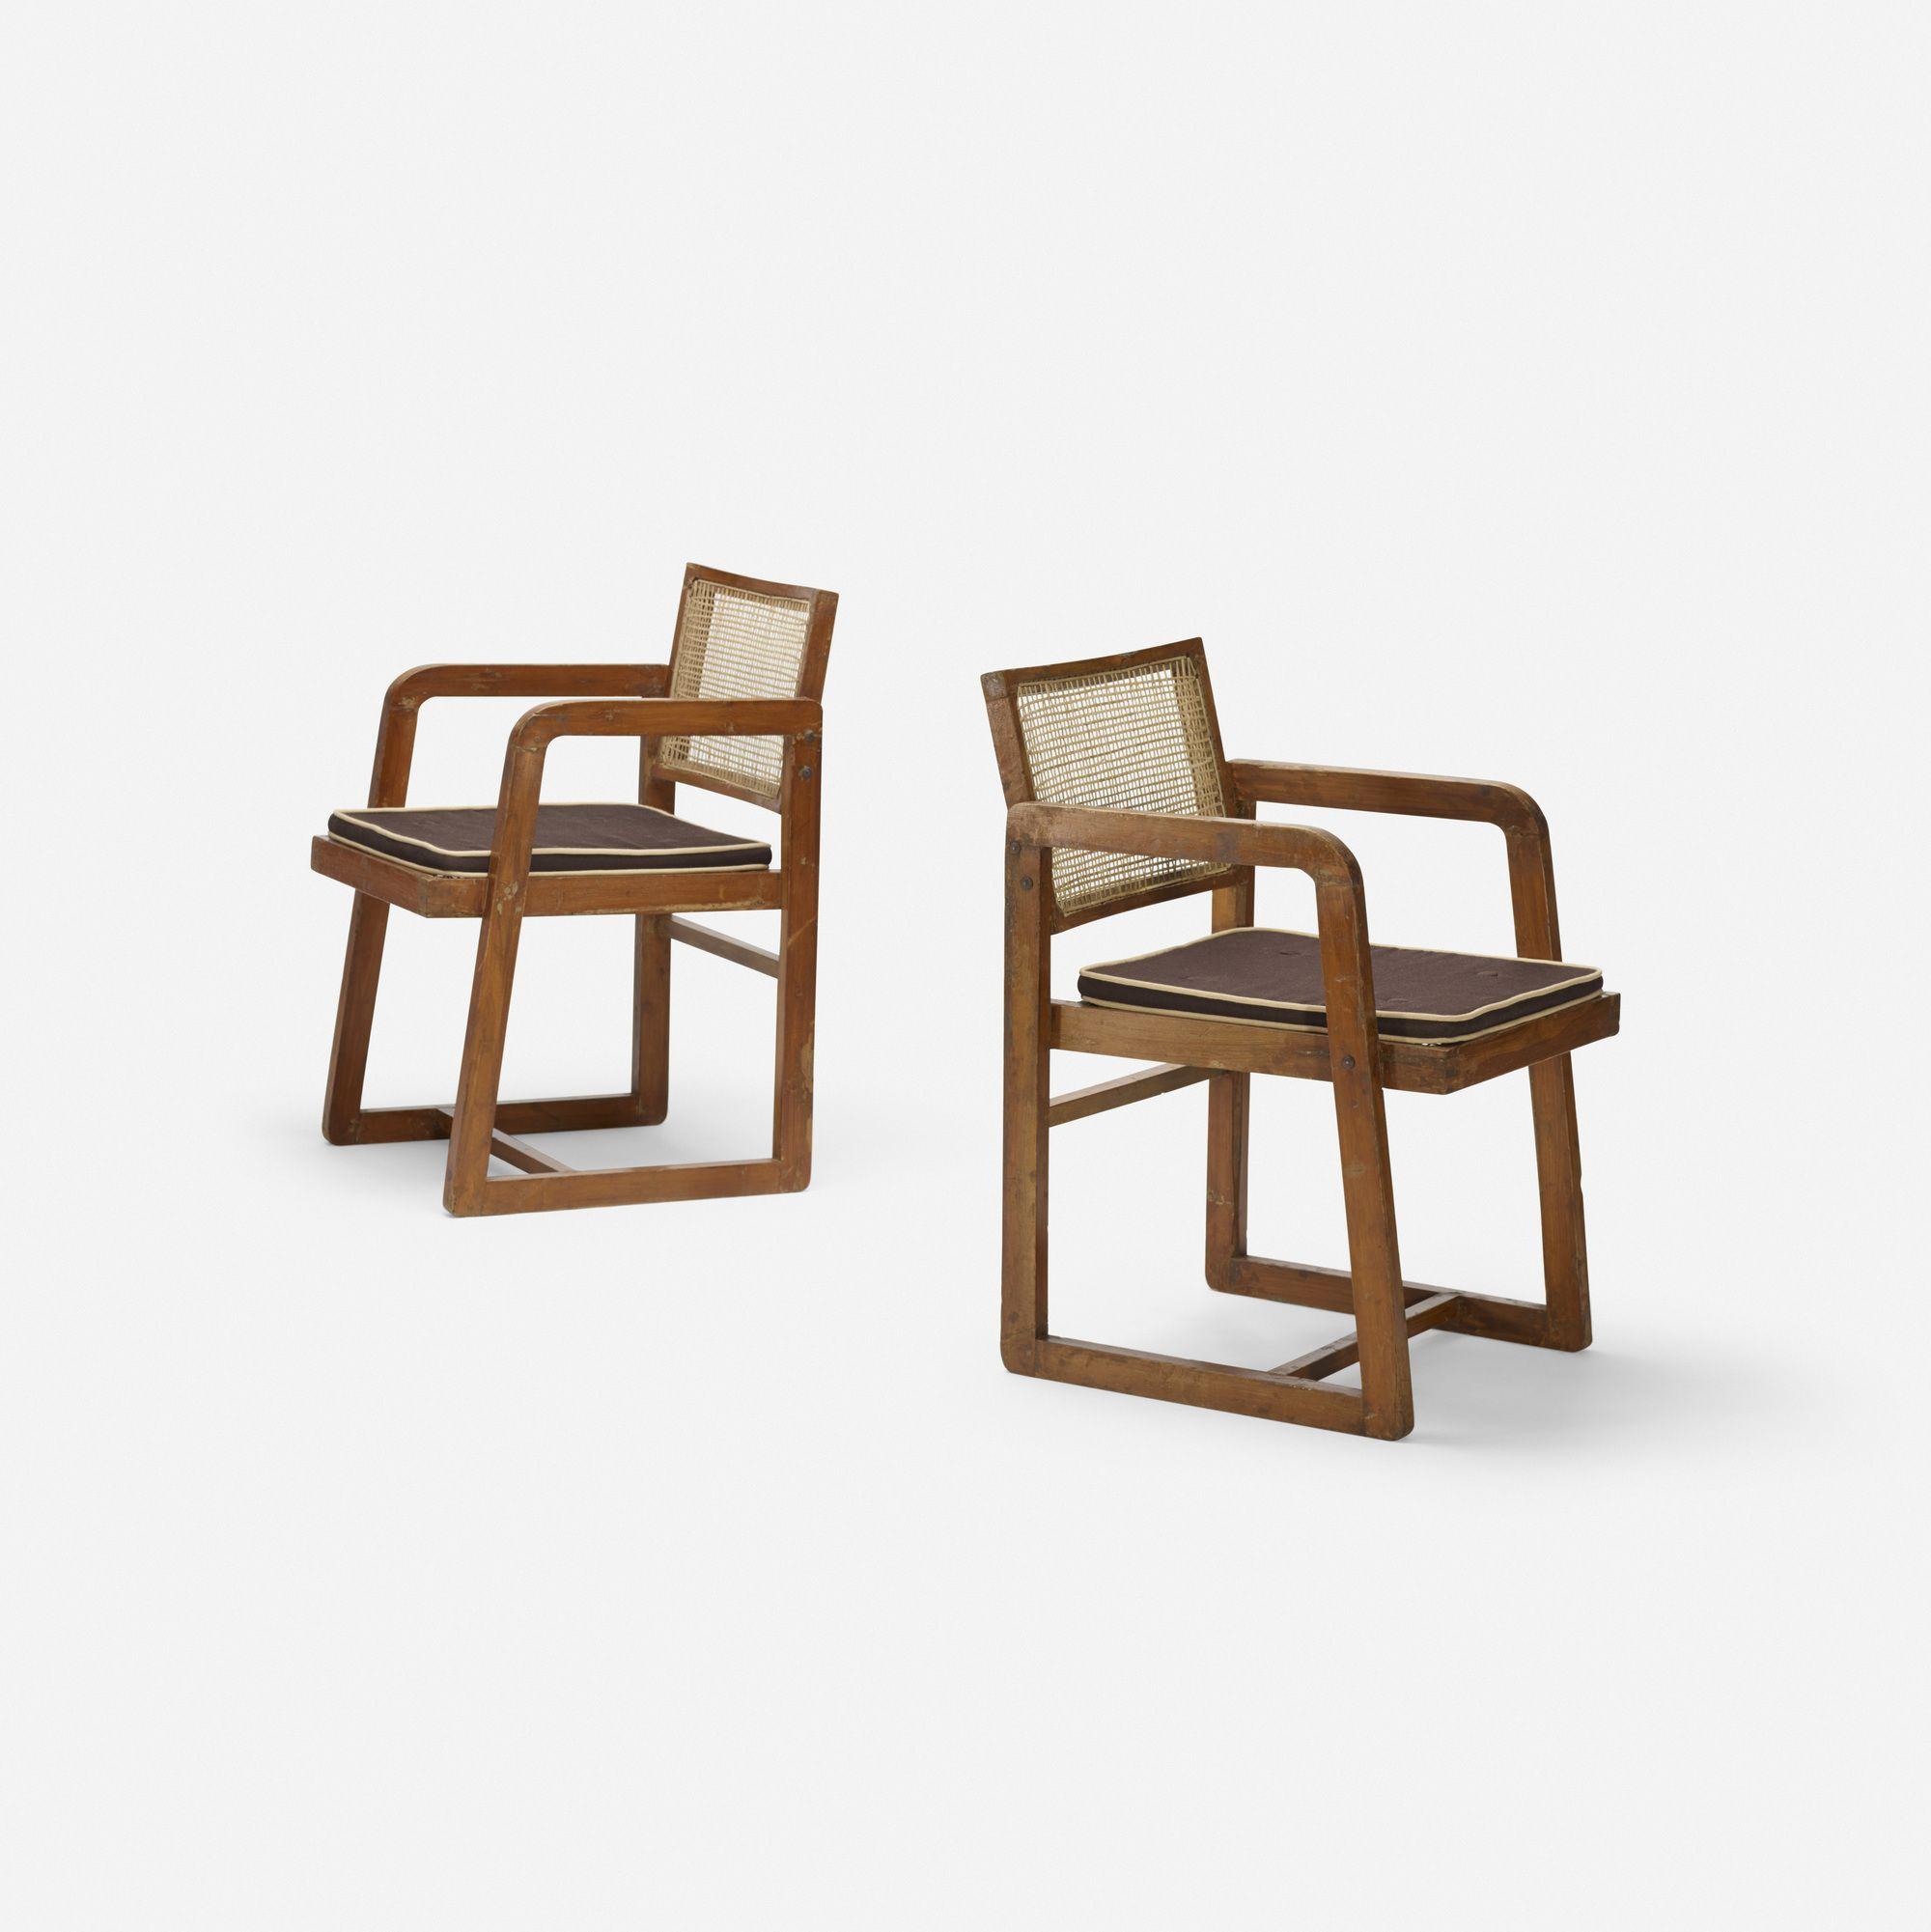 c78217be20fd2bb26c42e923753c3683 Incroyable De Table Basse Le Corbusier Concept